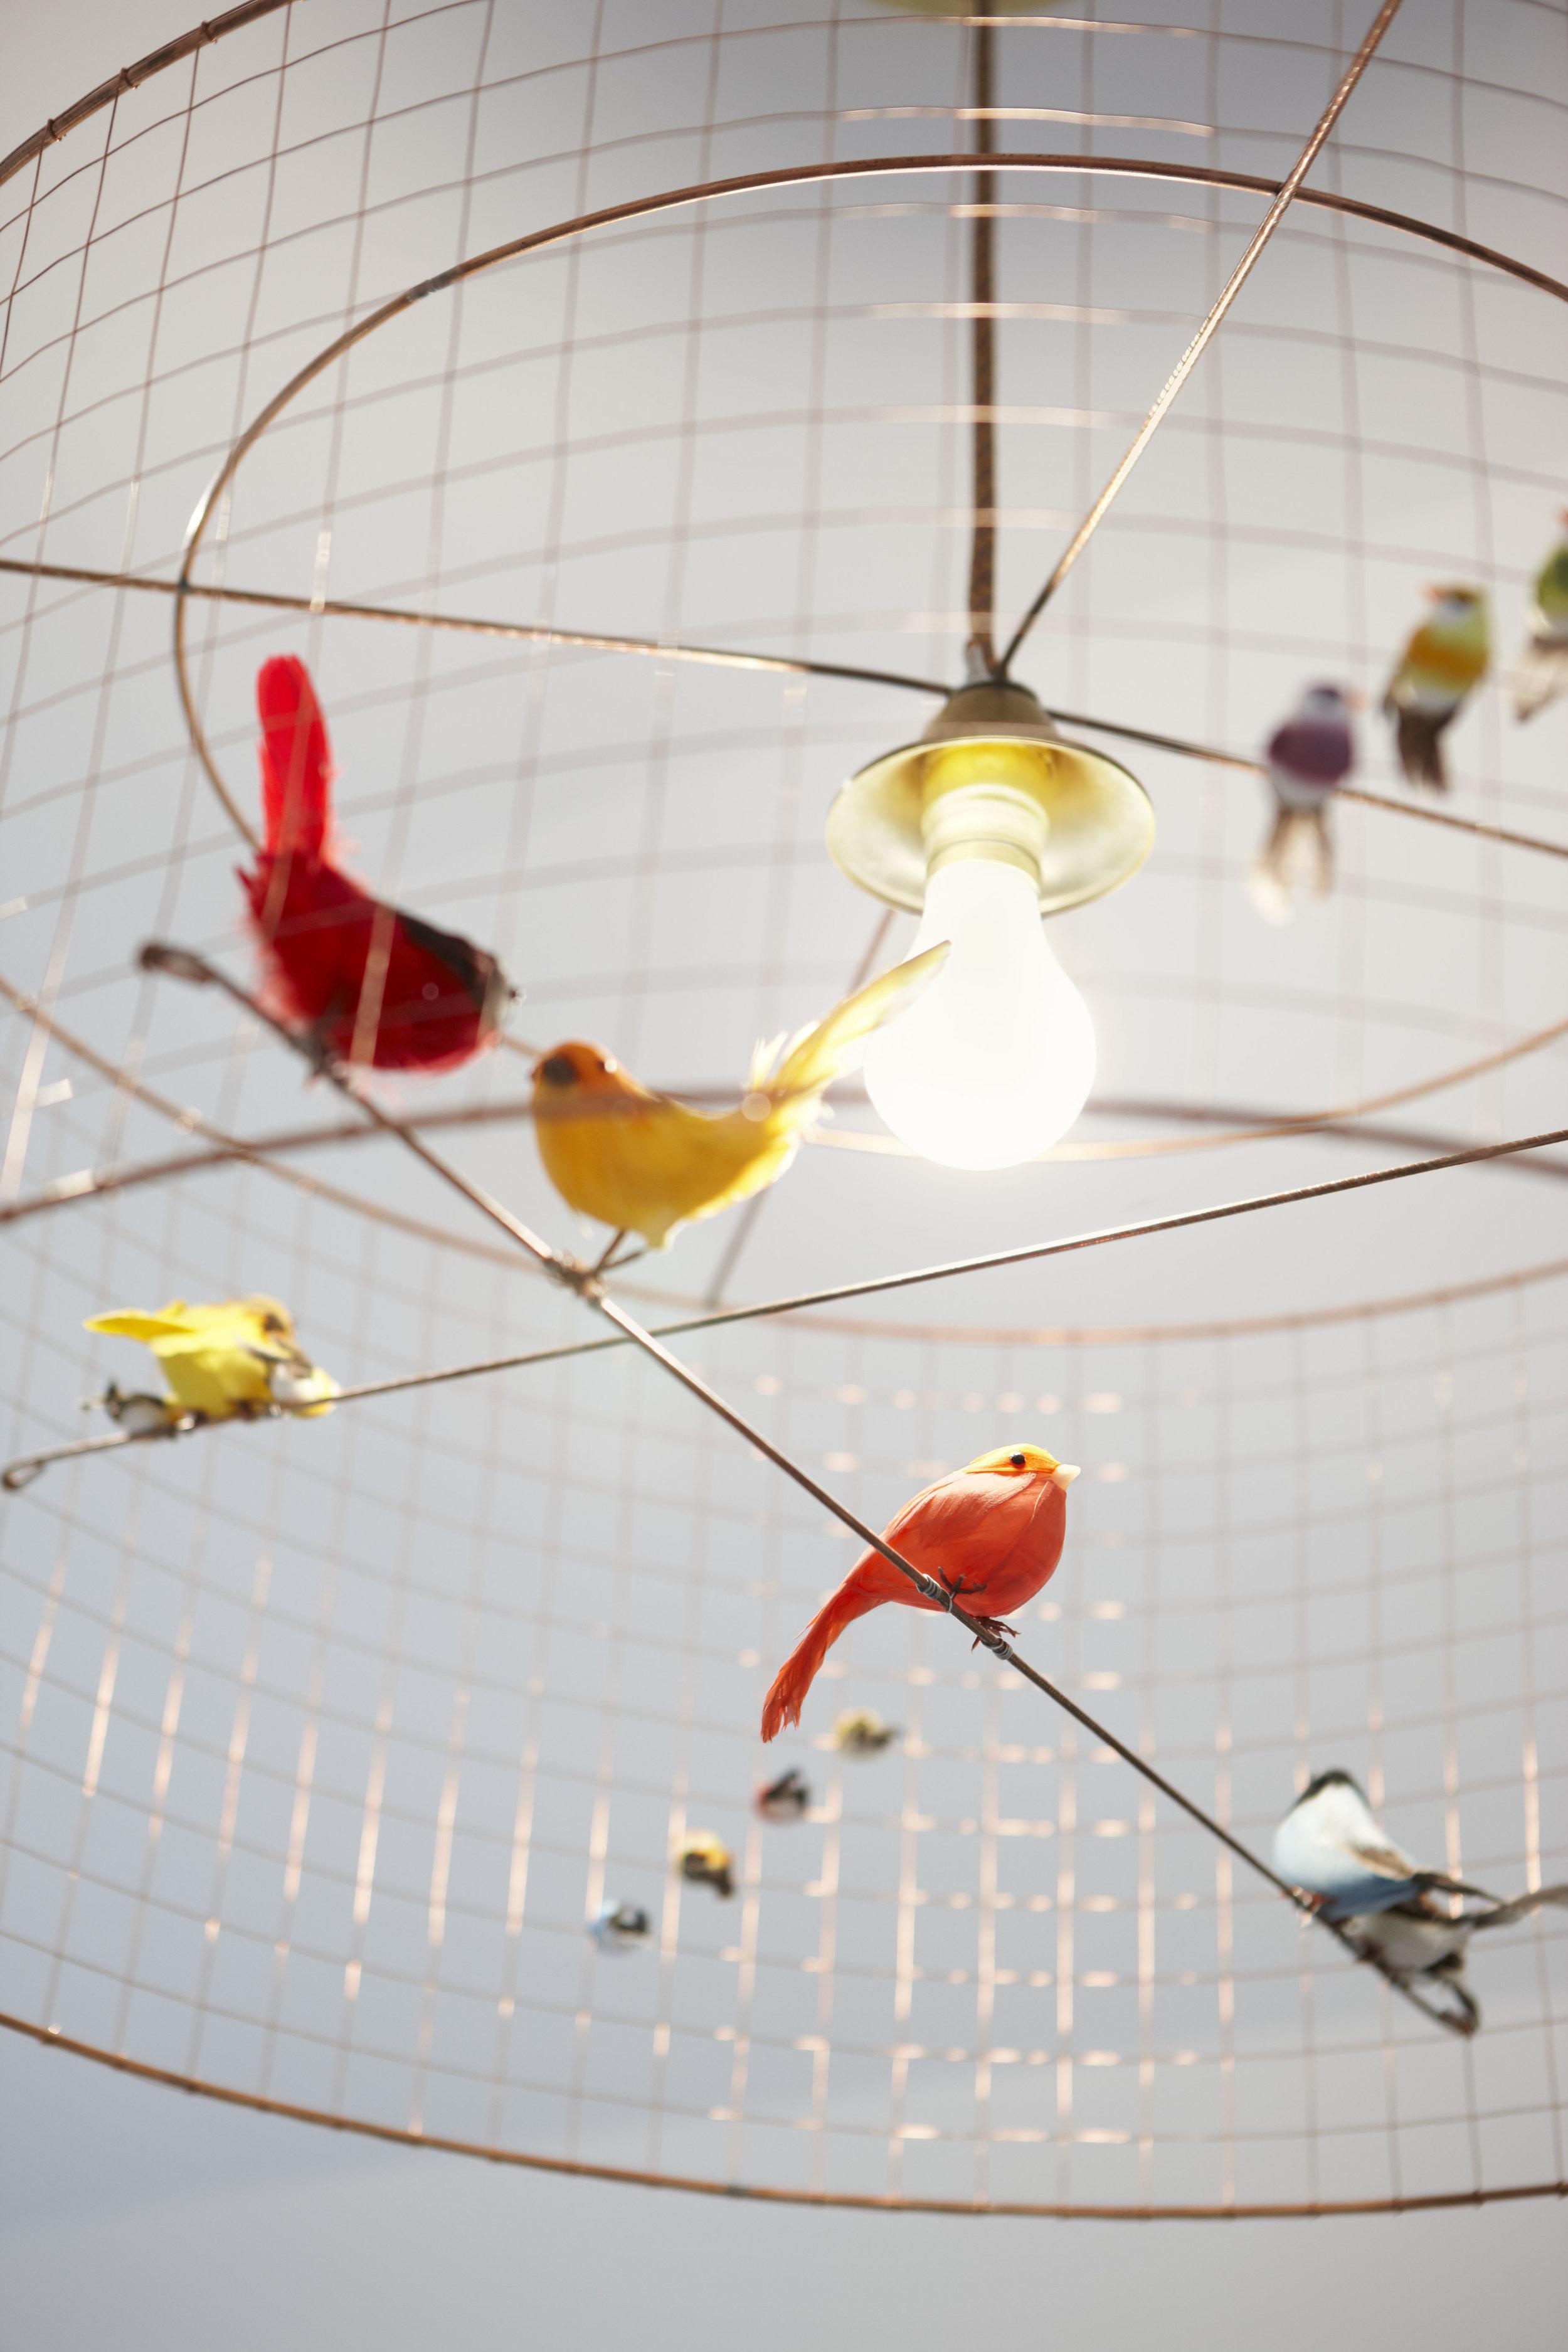 bird-cage-lighting-fixture